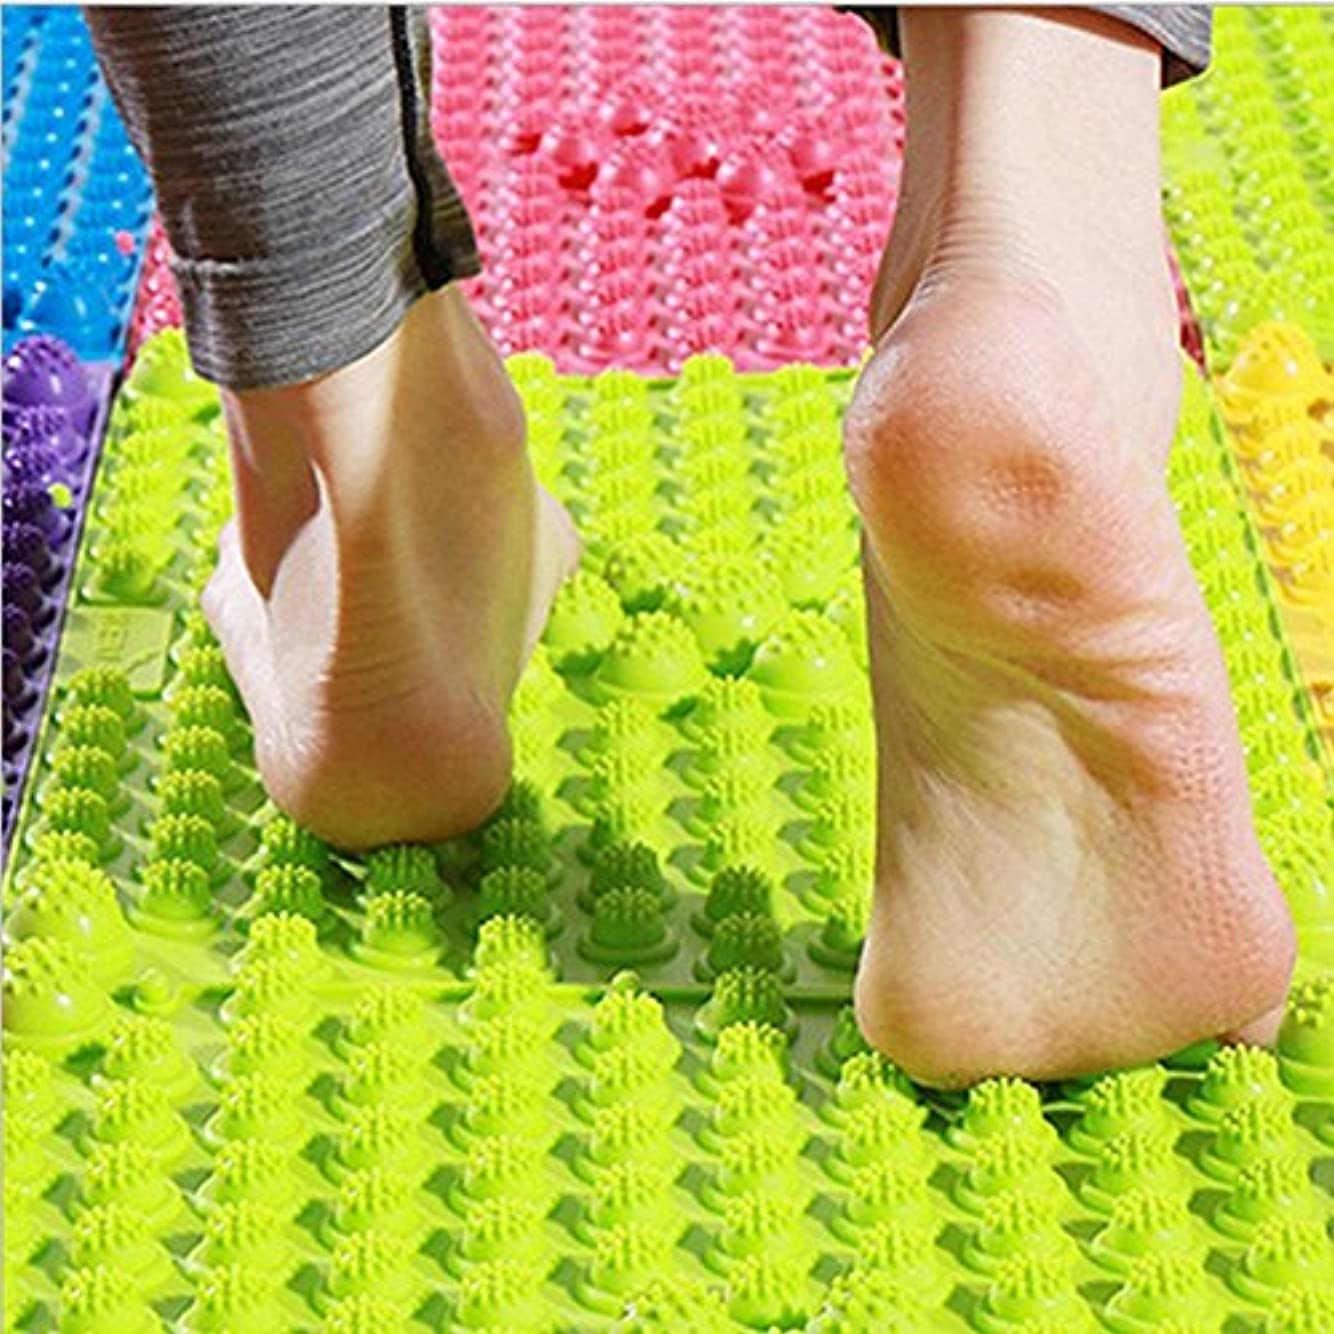 プロット裏切る機転2 PCS足マッサージマット、鍼治療指圧循環リフレクソロジー足の痛みの緩和と筋肉のリラクゼーション(ランダムカラー)のためのバスルームバスマット